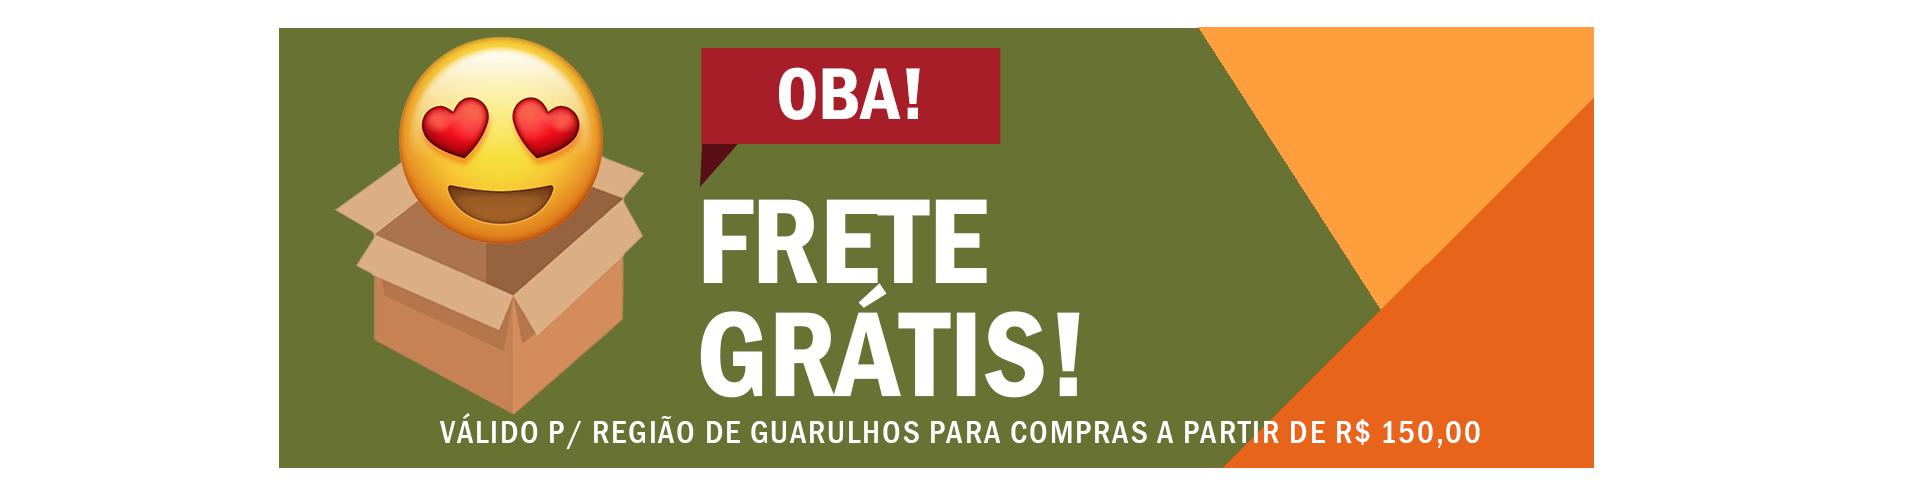 FRETE GRÁTIS PARA GUARULHOS PARA COMPRAS A PARTIR DE R$ 150,00